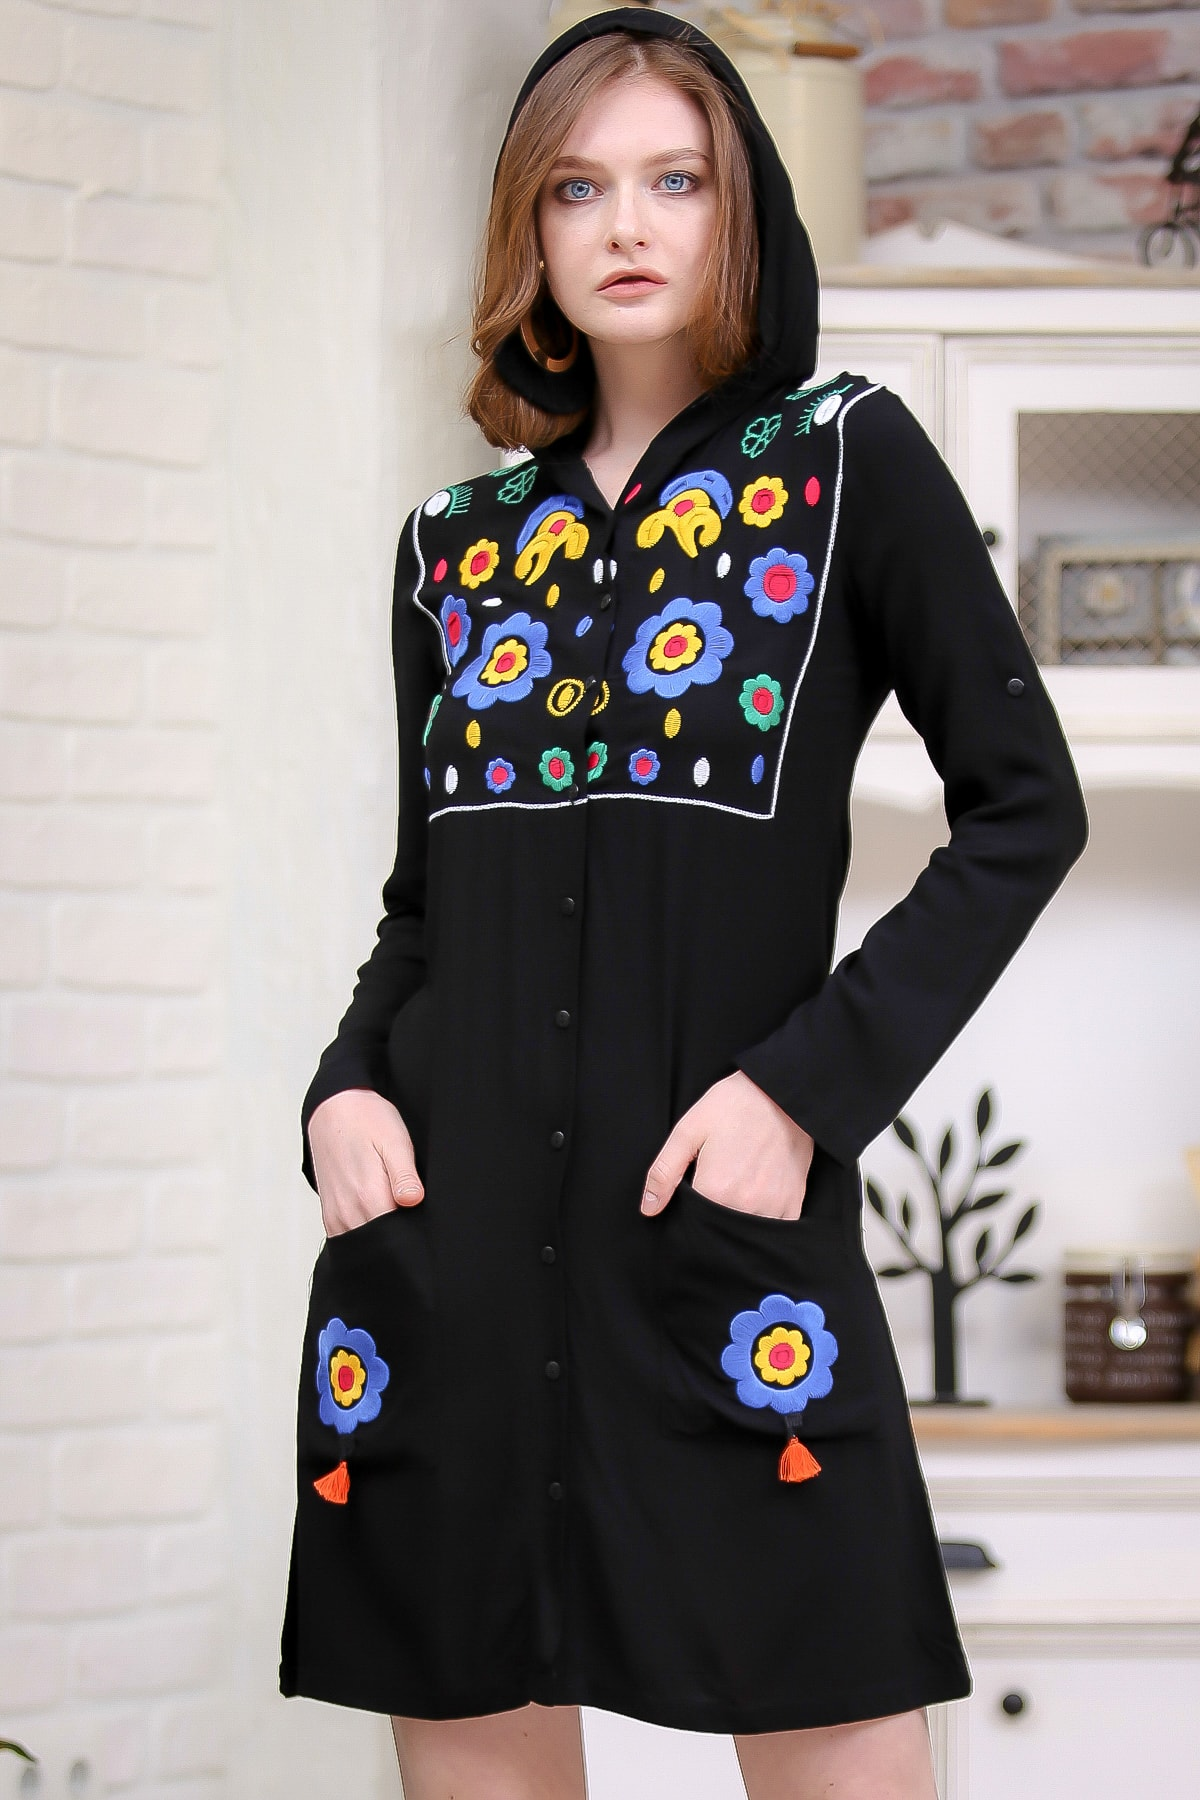 Chiccy Kadın Siyah Bohem Kapüşonlu Robası Dev Papatya Nakışlı Cep Detaylı Dokuma Elbise  M10160000EL97272